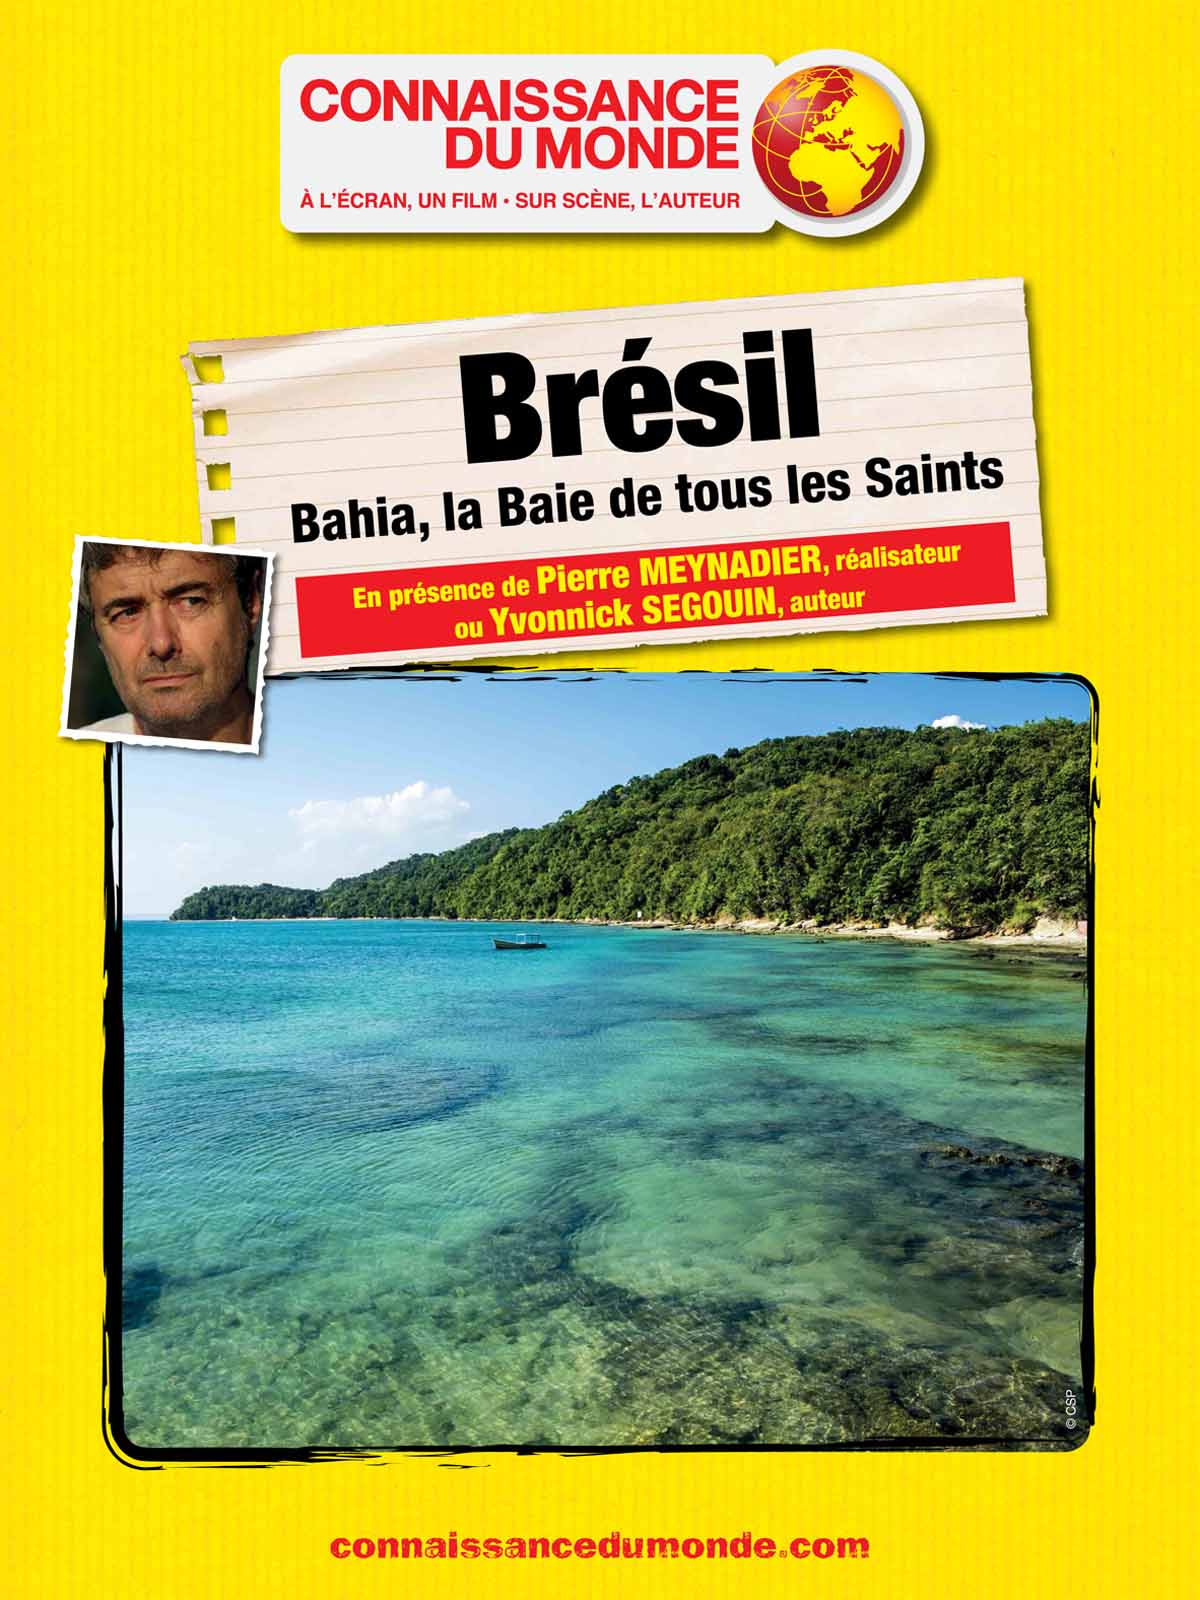 BRESIL, Bahia, la Baie de tous les Saints